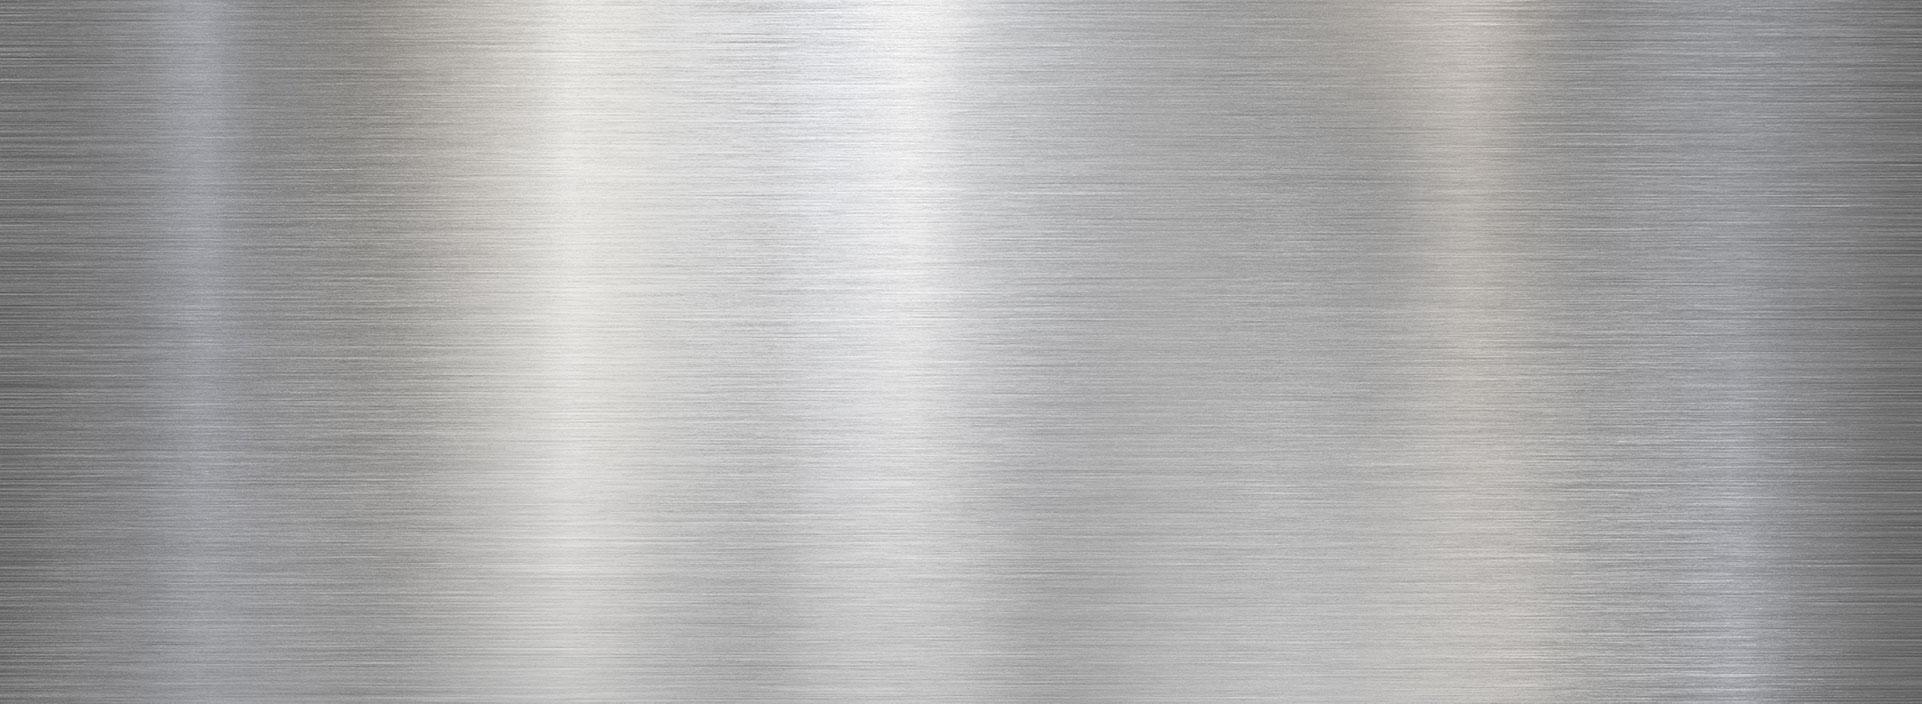 aluminium oberfläche